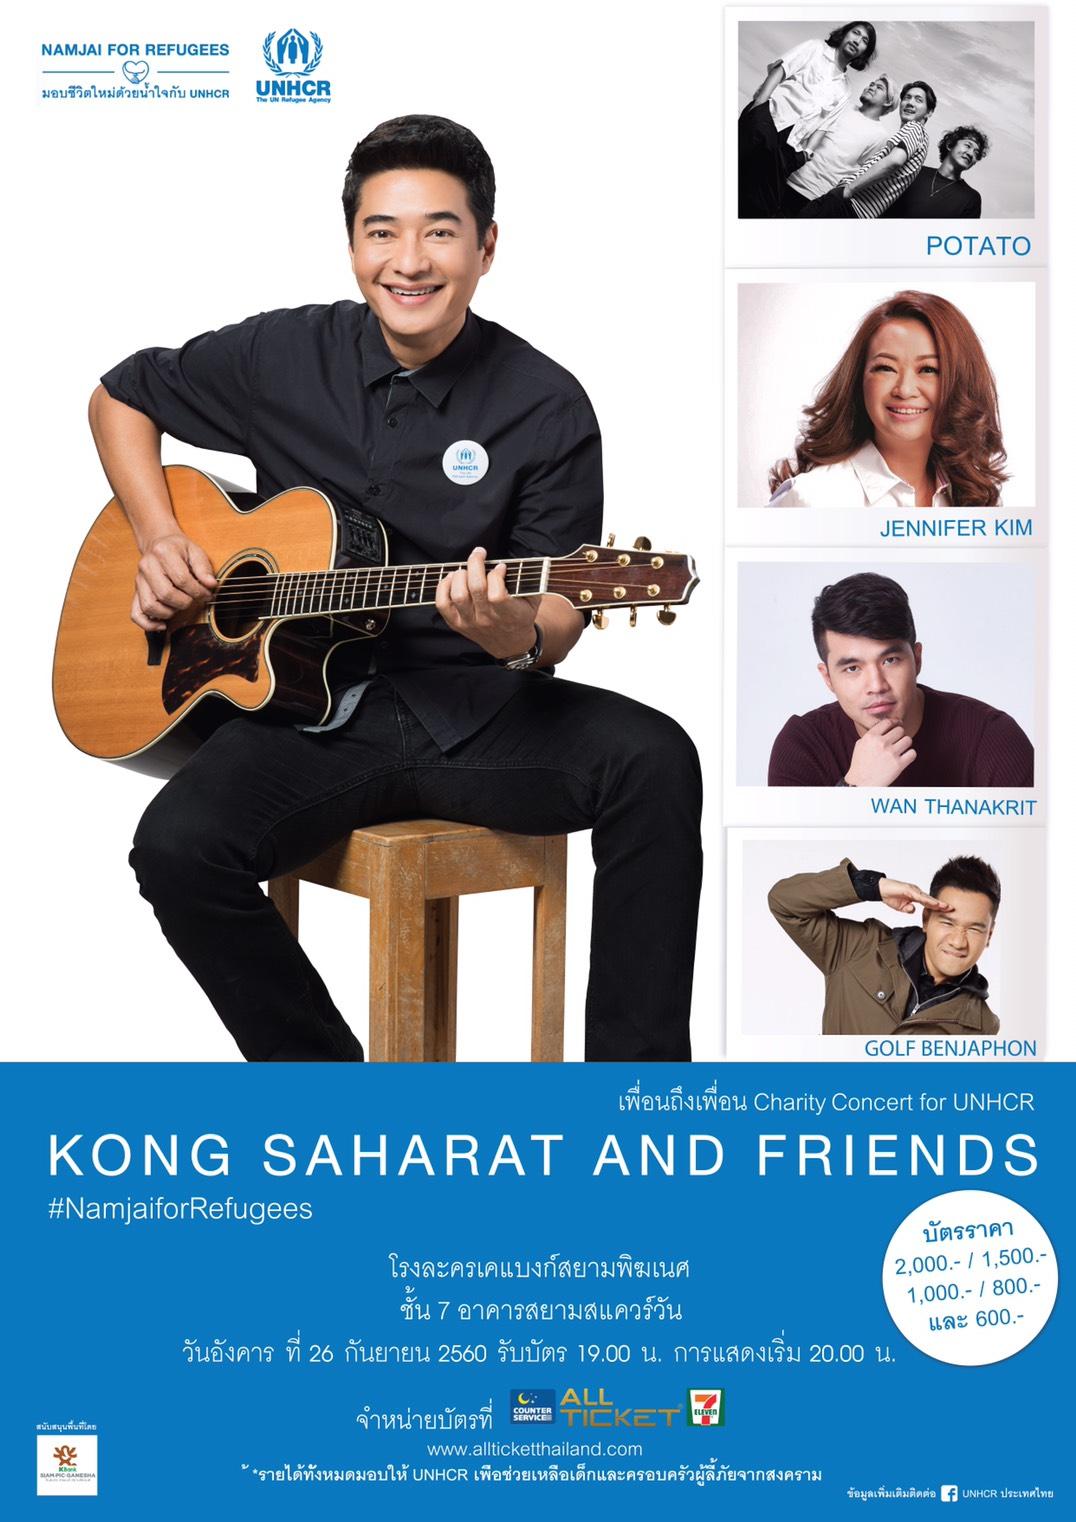 'ก้อง สหรัถ' นำทีมจัดคอนเสิร์ตการกุศล เพื่อนถึงเพื่อน Charity Concert for UNHCR